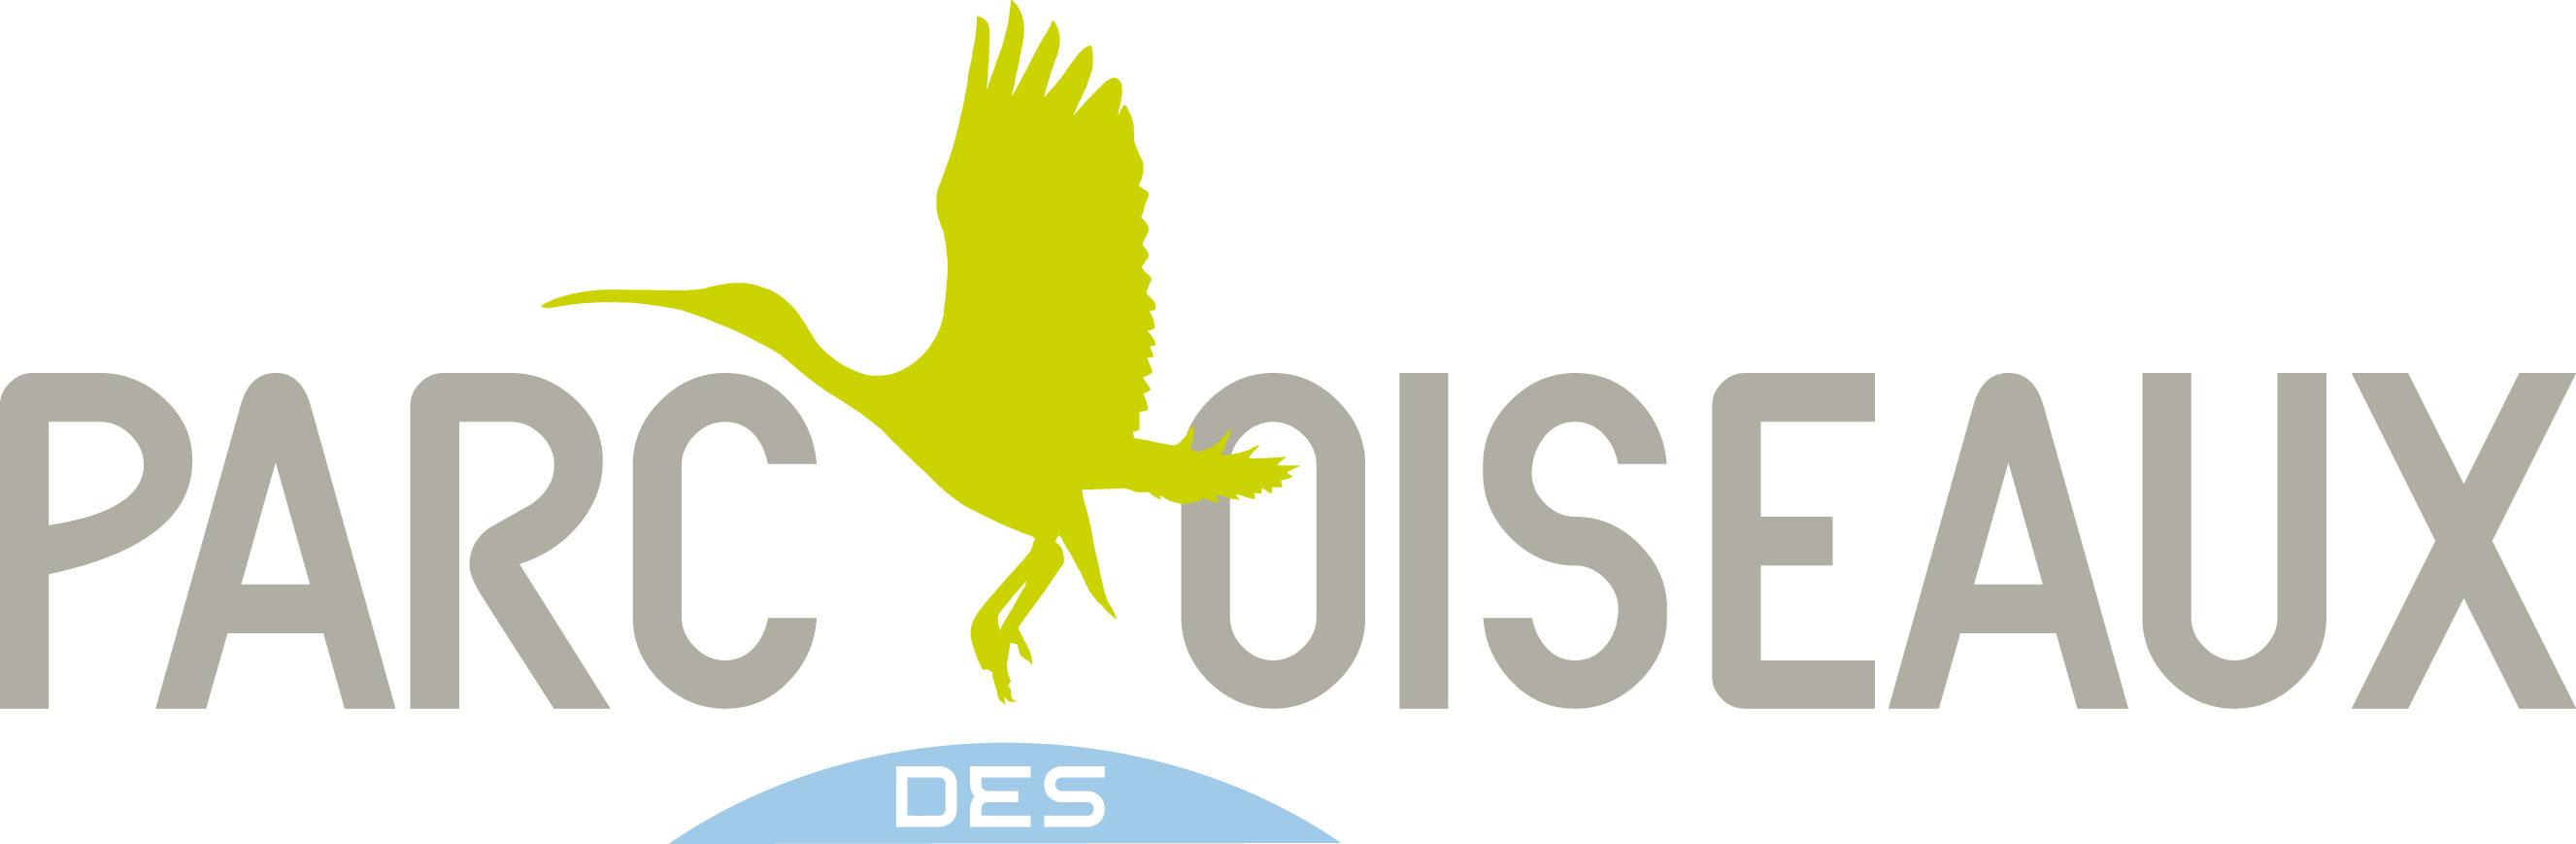 logo Parc oiseaux